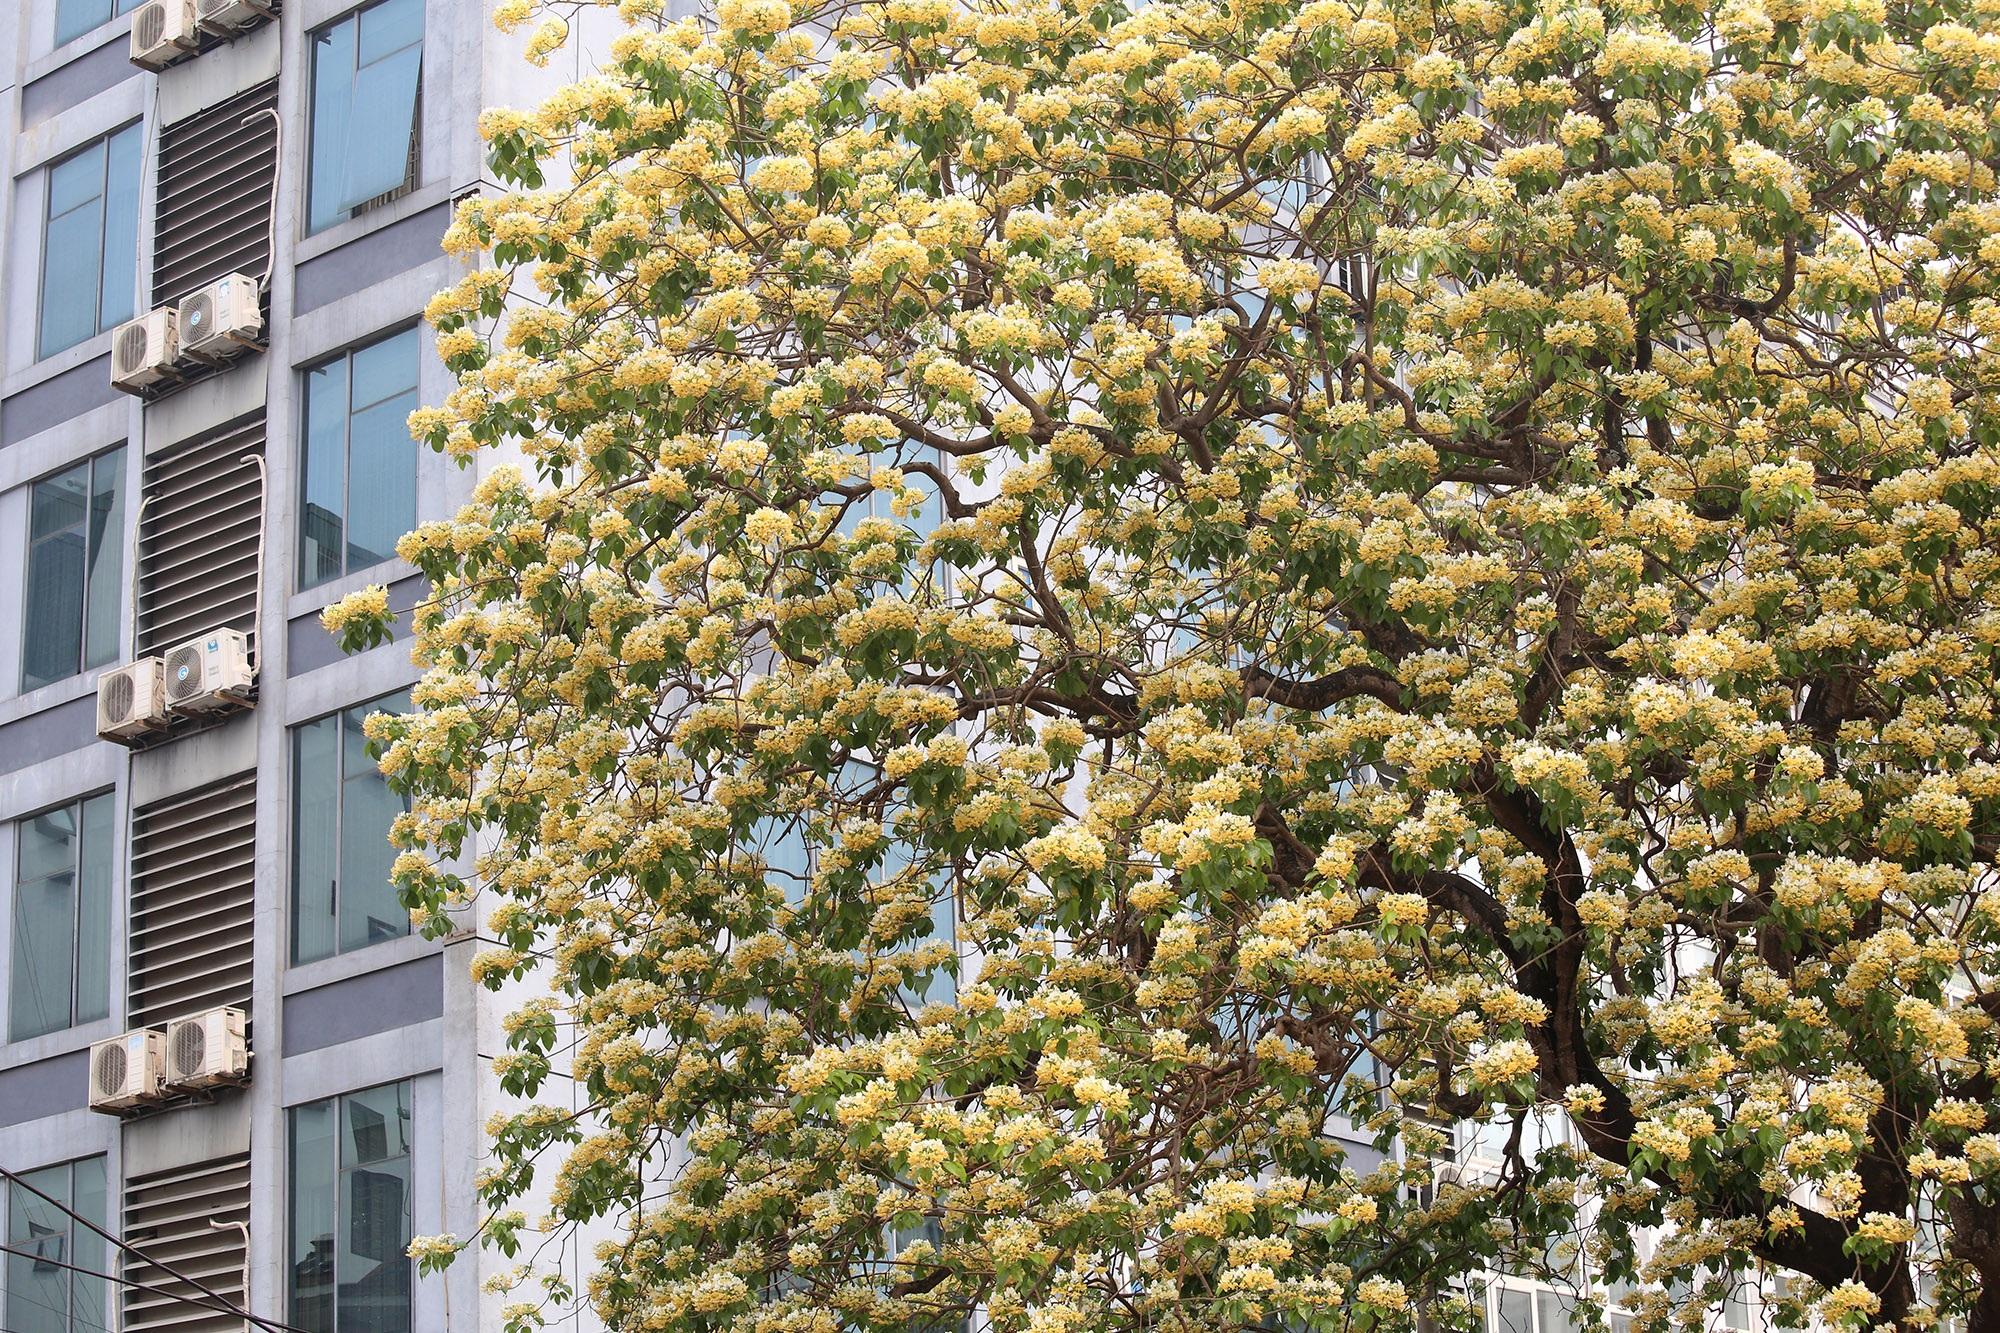 Cây hoa bún 300 tuổi ở Hà Nội thu hút người dân đổ về thưởng lãm - 11